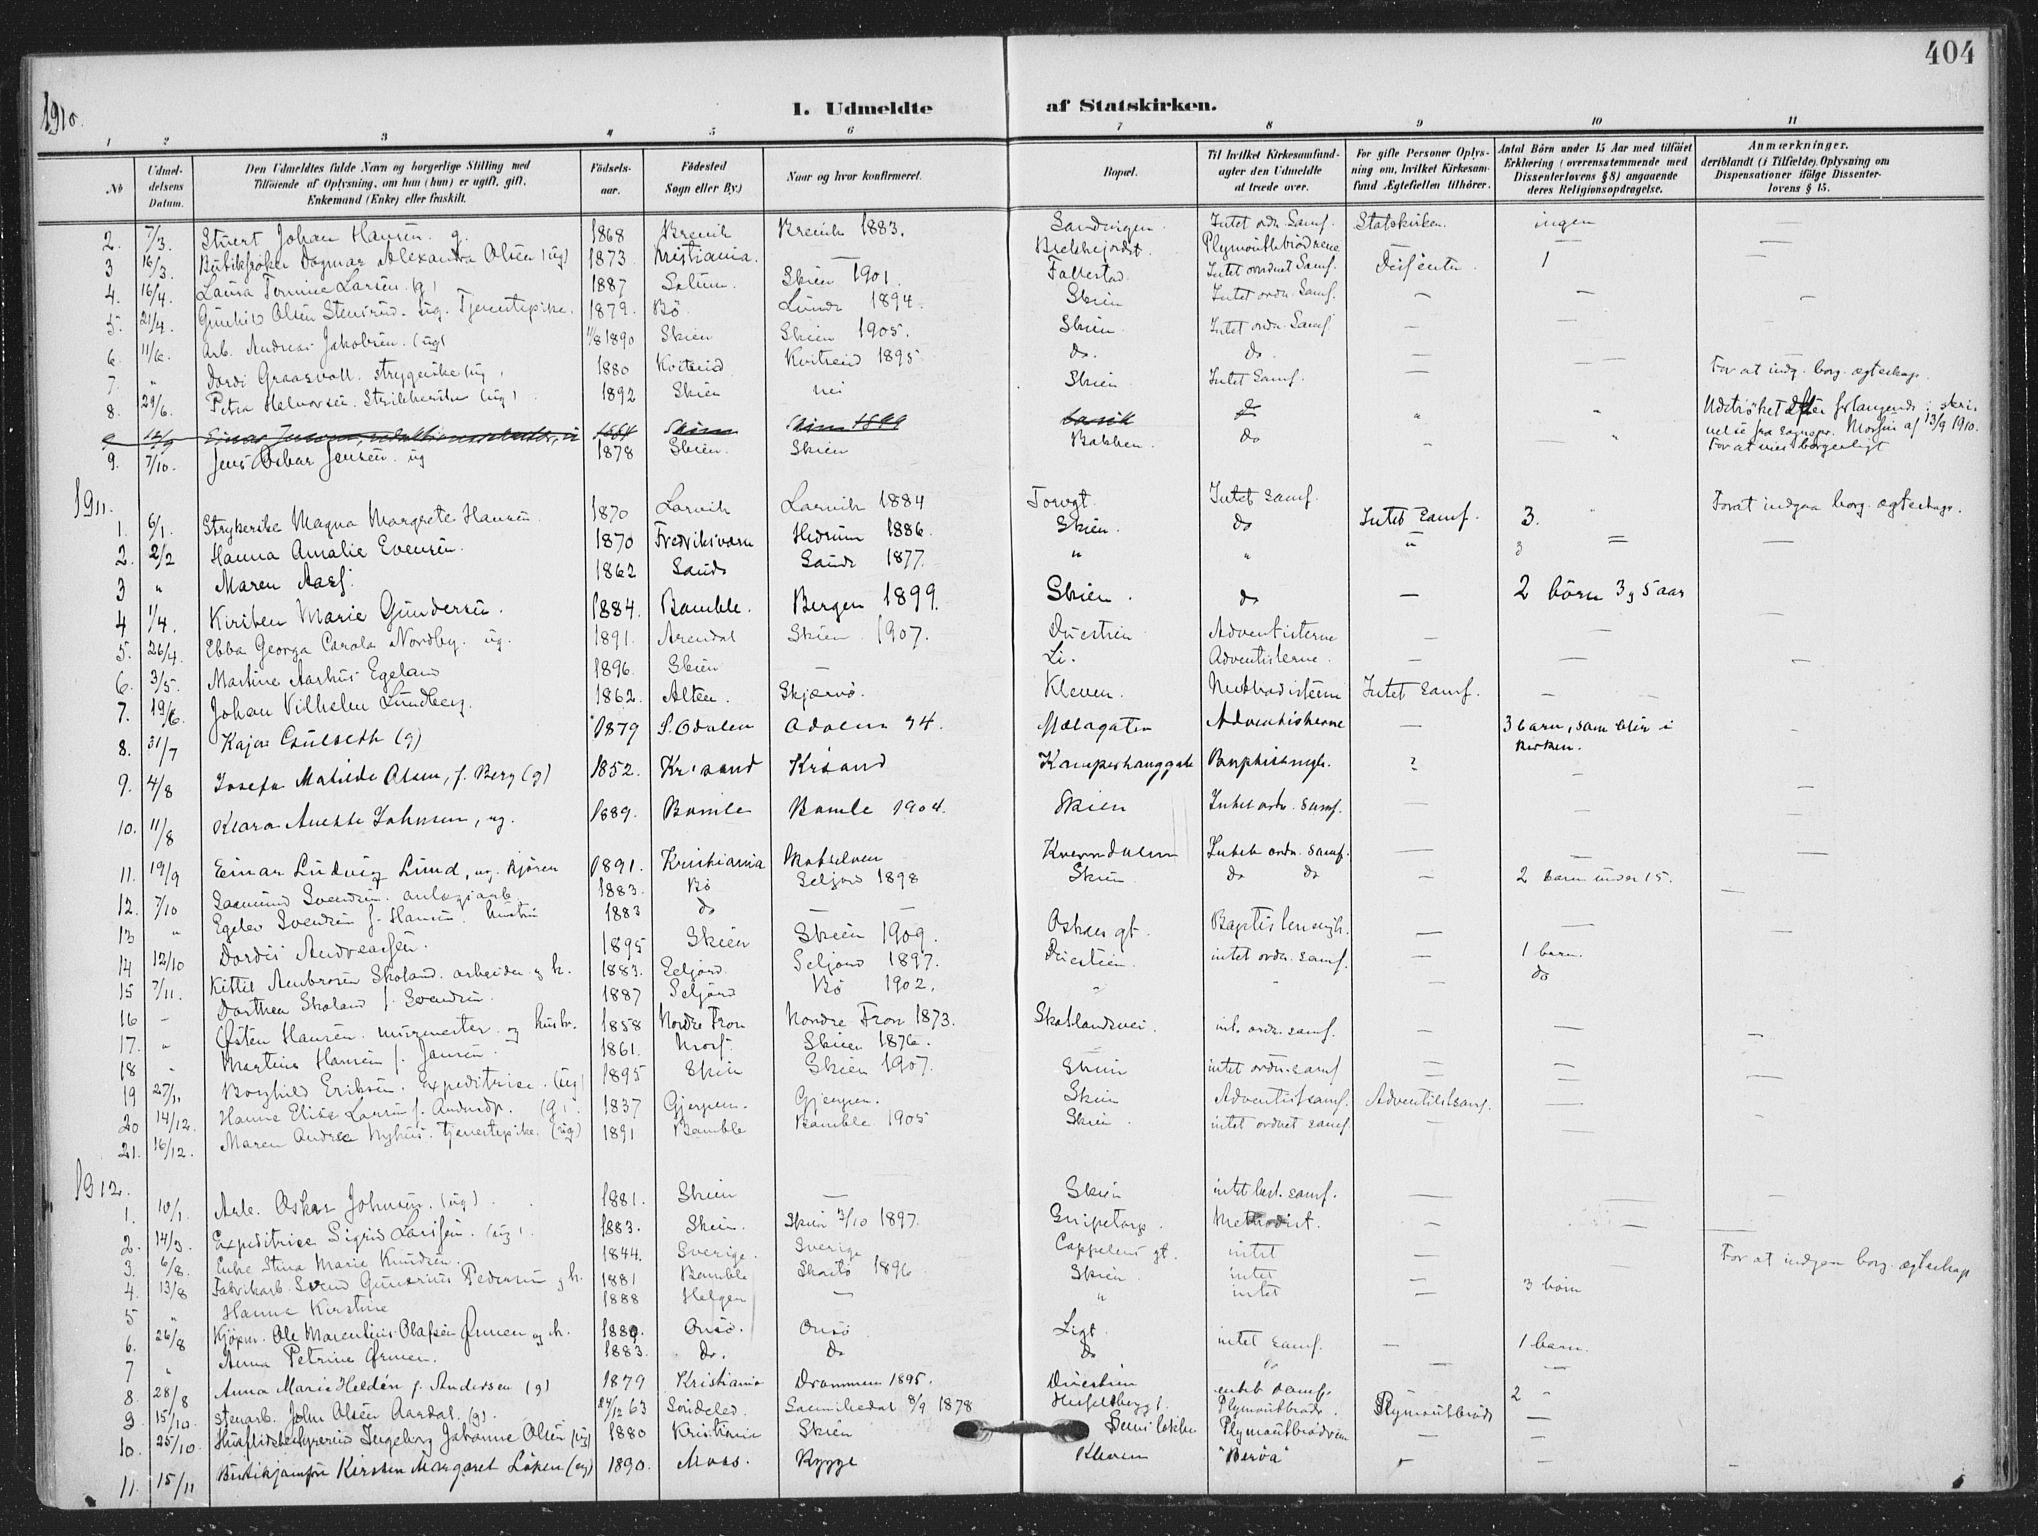 SAKO, Skien kirkebøker, F/Fa/L0012: Ministerialbok nr. 12, 1908-1914, s. 404